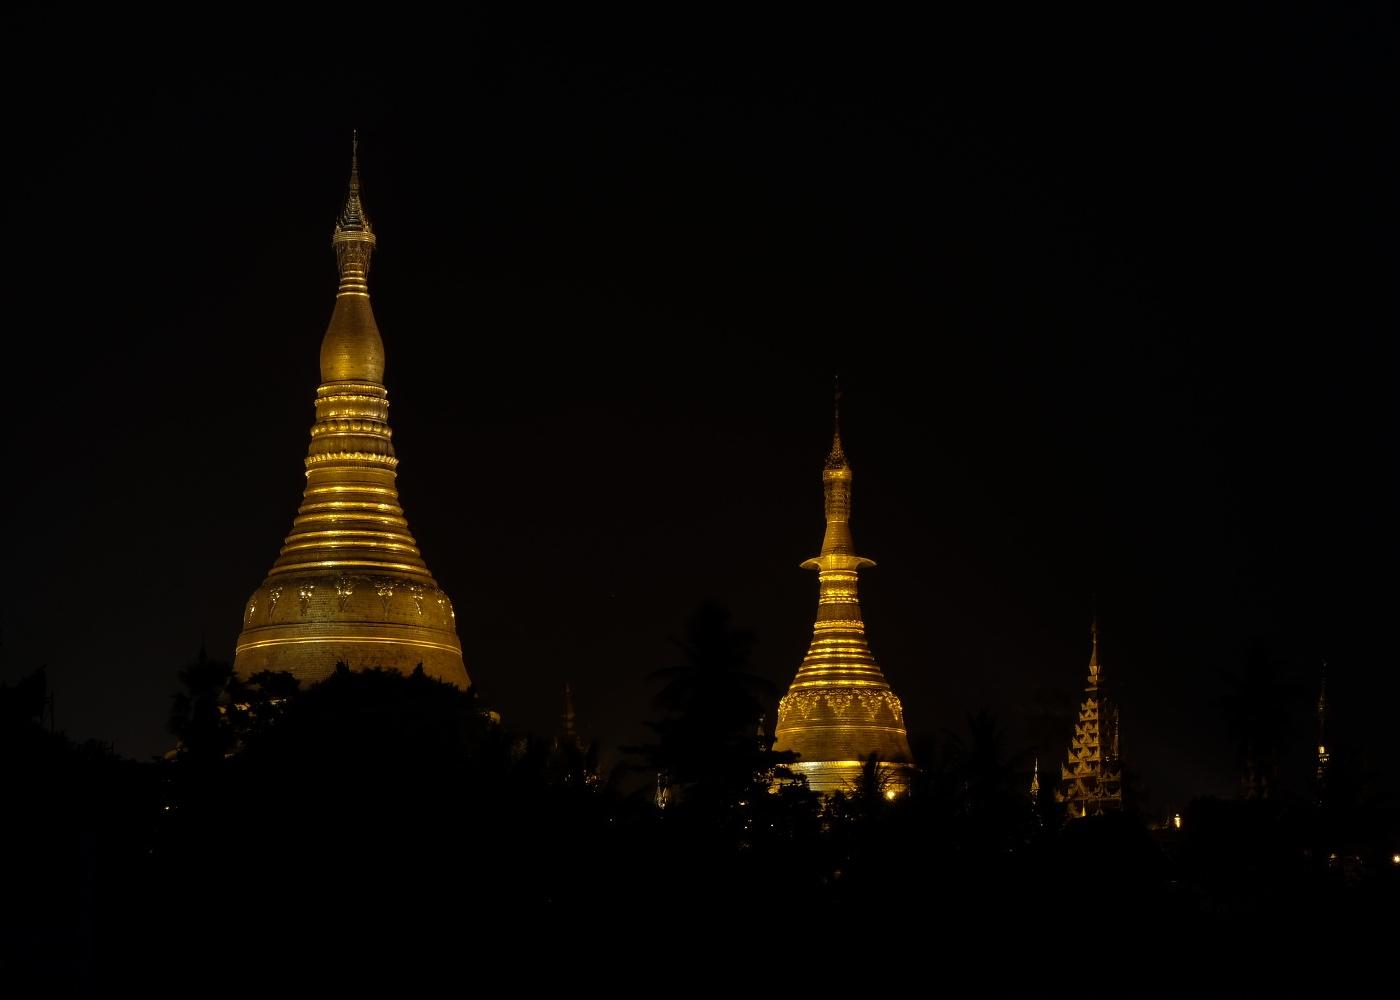 Shwedagon Pagoda lighting up the city at night.